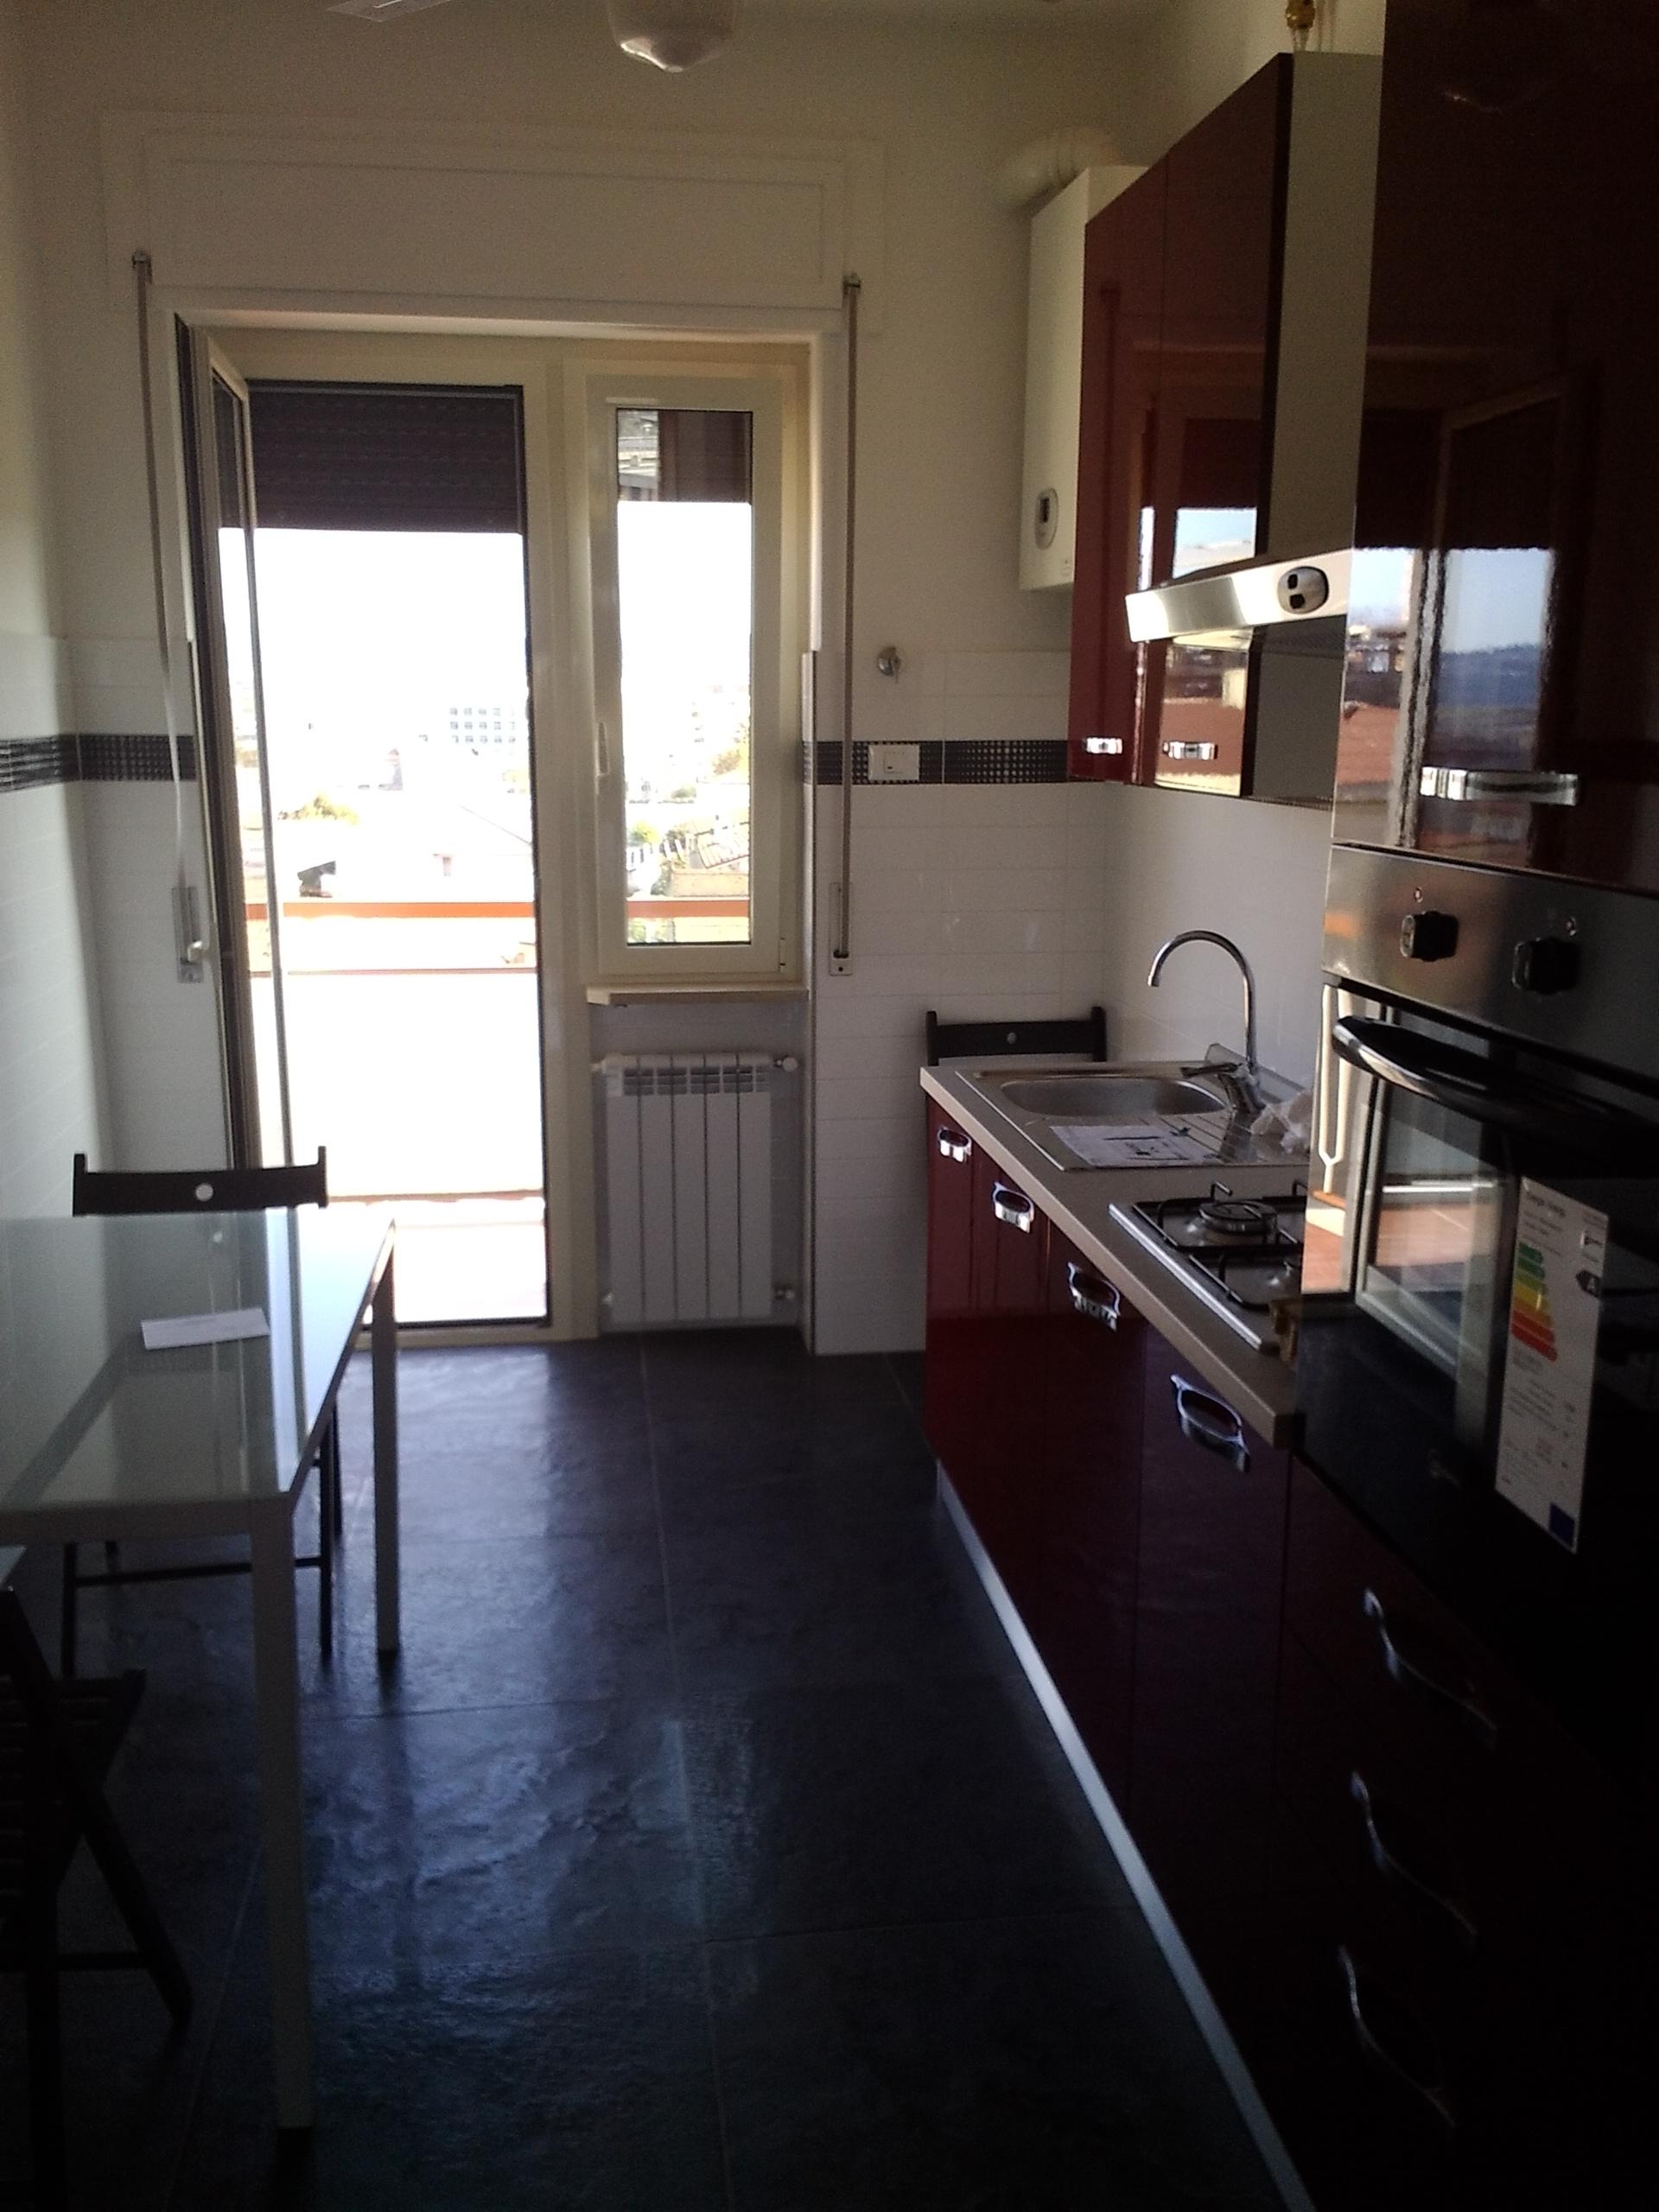 Appartamento a Pescara in via sacco 3 - 01